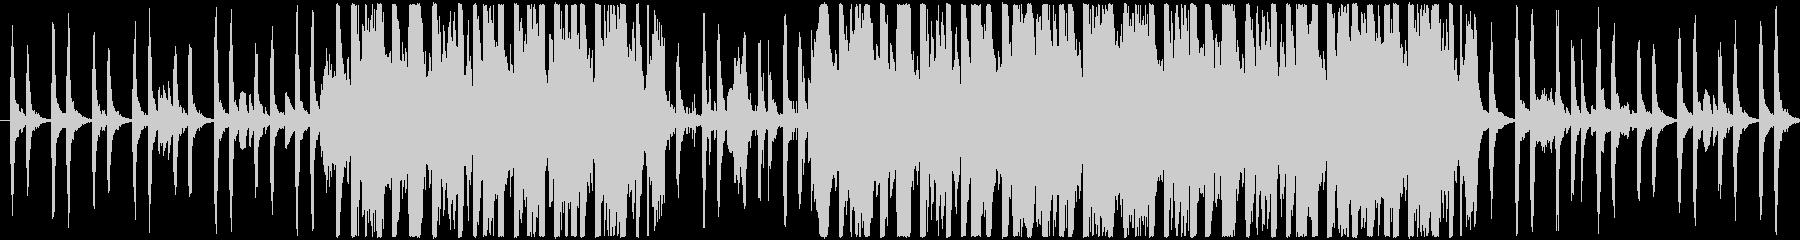 【ドラム抜き】バイオリンを主体としたテ…の未再生の波形